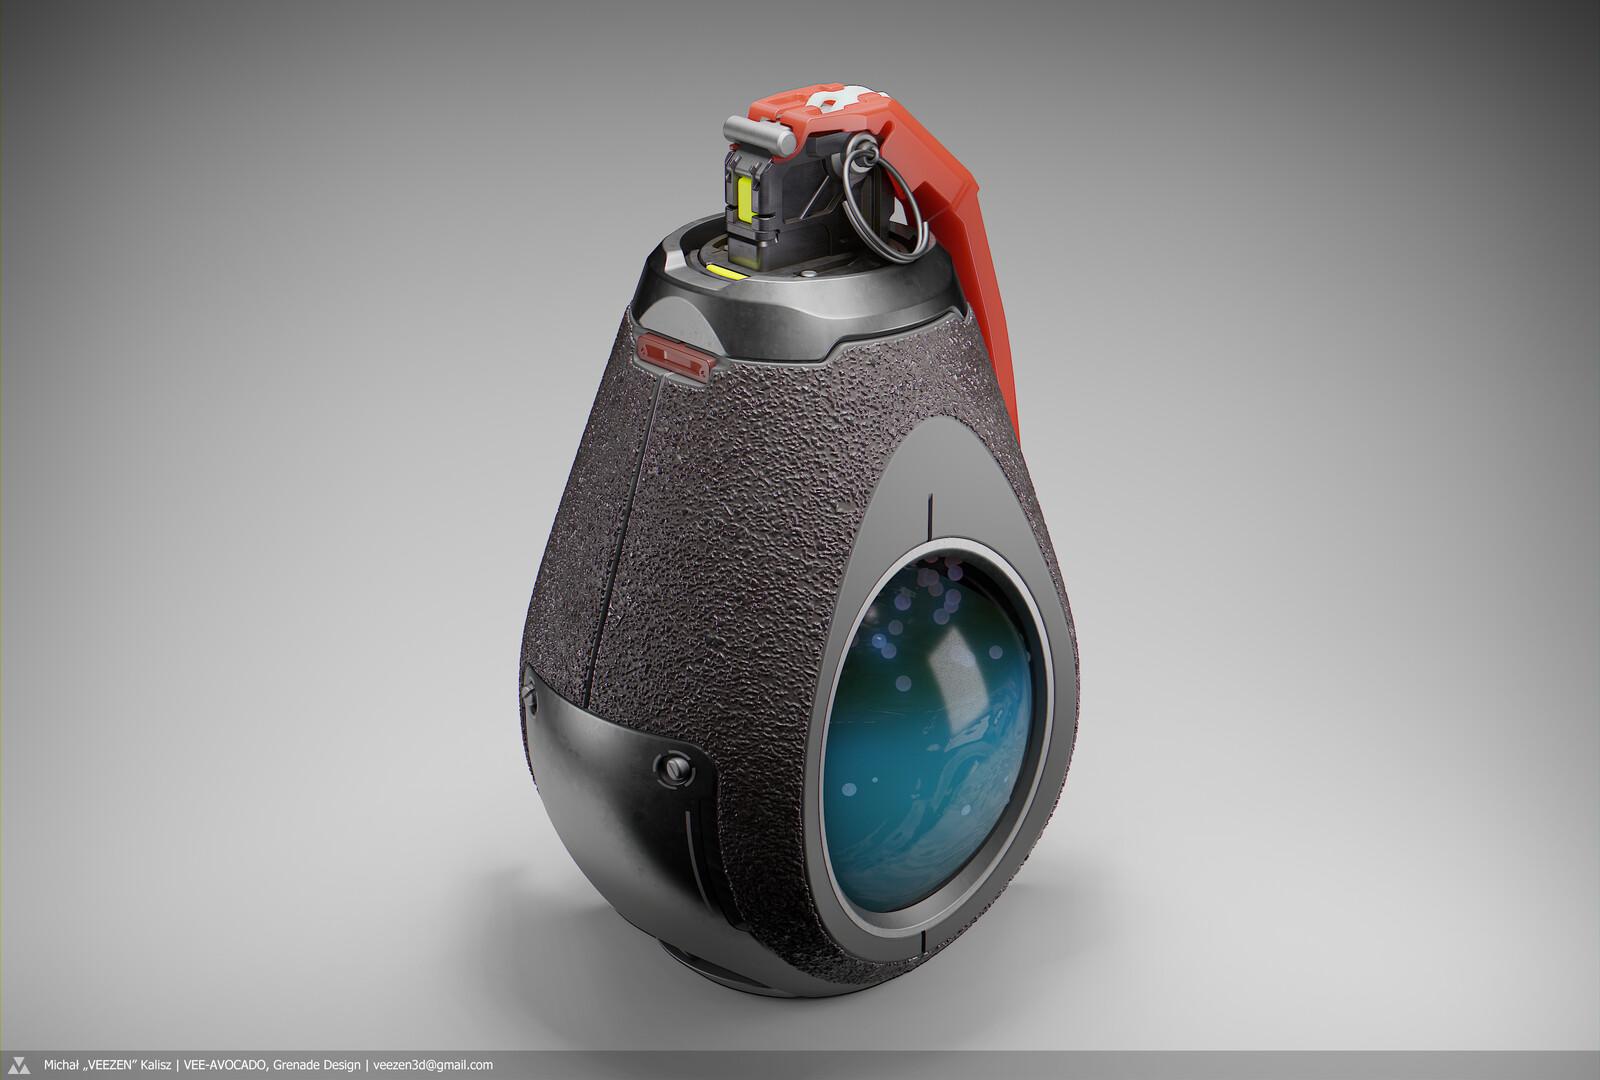 VEE-AVOCADO, Grenade Design